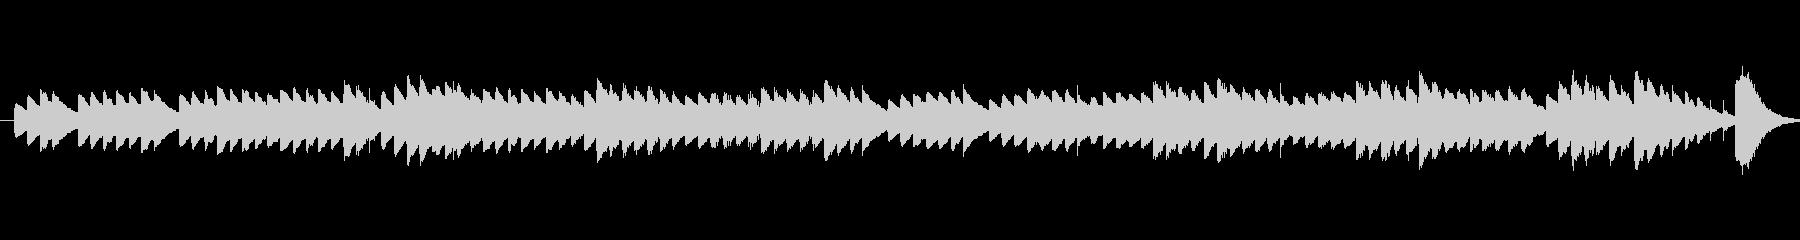 ドビッシーの「夢」オルゴールアレンジの未再生の波形